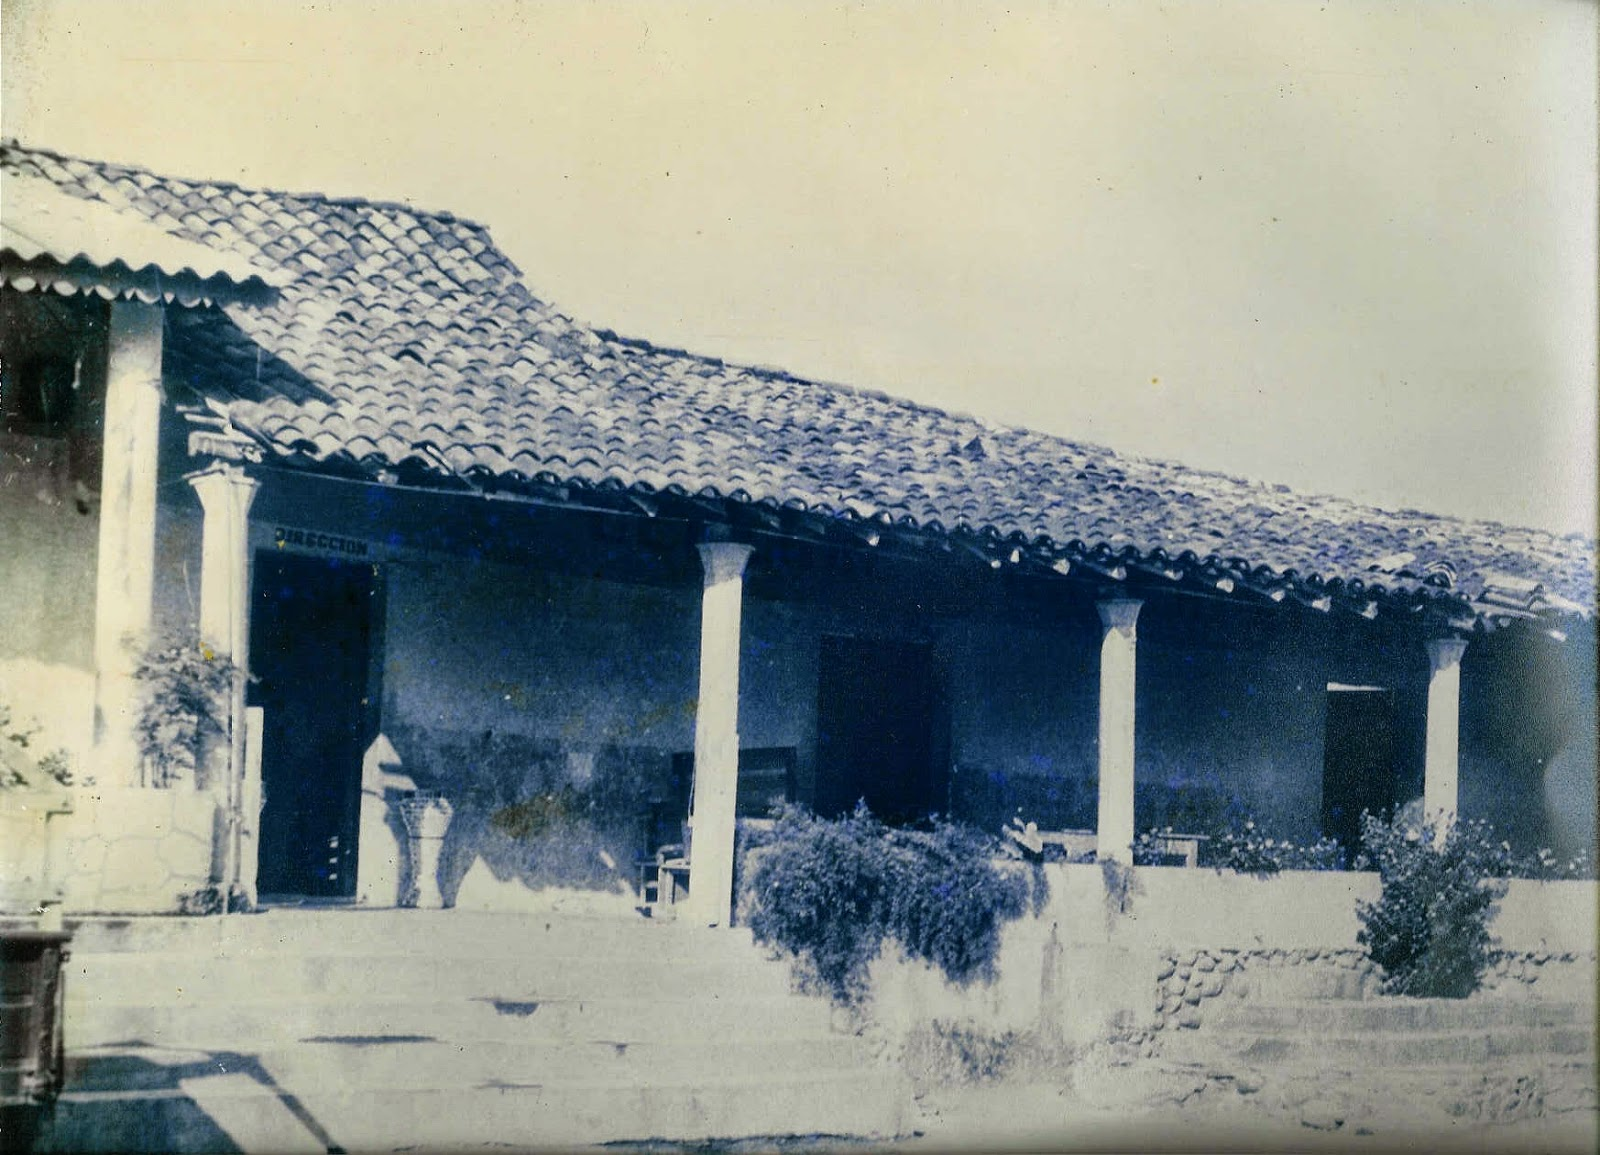 Vista de una antigua casa cerca del río Atoyac